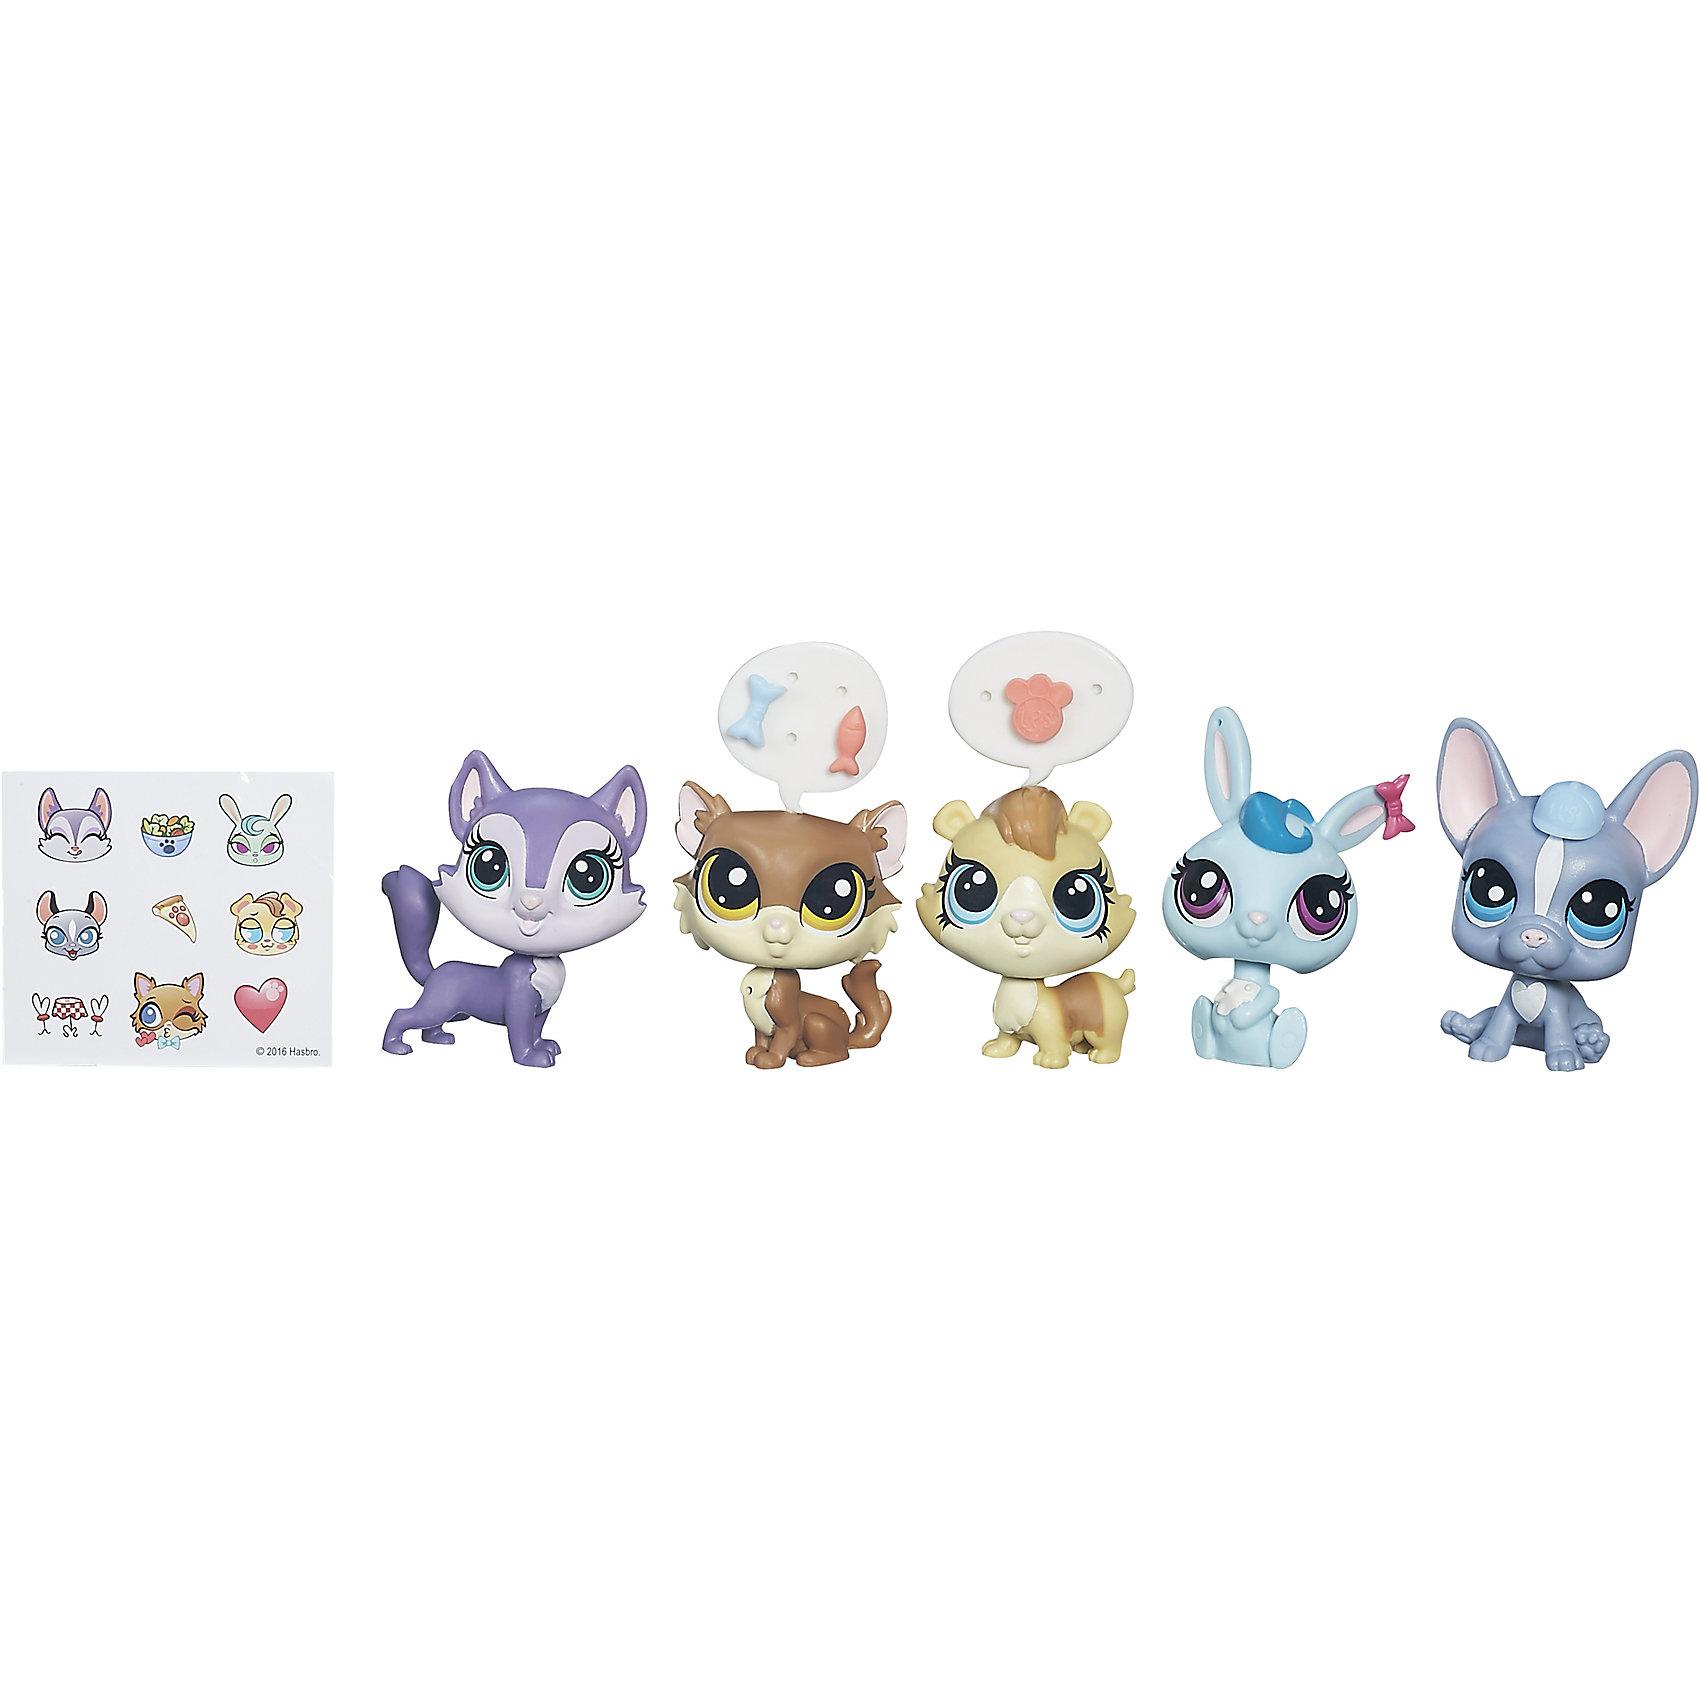 Мульти-набор зверюшек, Littlest Pet Shop, B5005/B0282Игрушки<br>Встречайте новую мини-коллекцию очаровательных зверюшек, они такие милый и очаровательные, что не оставят равнодушным ни одного ребенка! В одной упаковке 5 зверюшек, 5 аксессуаров и стикеры, чтобы рассказать, о чем думают забавные зверята. Собери их всех и проигрывай сценки из любимого телесериала Маленький зоомагазин!  Дополнительная информация:  - Материал: пластик. - Размер одной игрушки: 5 см. - Комплектация: 5 игрушек, 5 аксессуаров.  Мульти-набор зверюшек, Littlest Pet Shop (Литл пет шоп)  можно купить в нашем магазине.<br><br>Ширина мм: 202<br>Глубина мм: 49<br>Высота мм: 227<br>Вес г: 2247<br>Возраст от месяцев: 48<br>Возраст до месяцев: 144<br>Пол: Женский<br>Возраст: Детский<br>SKU: 4833587